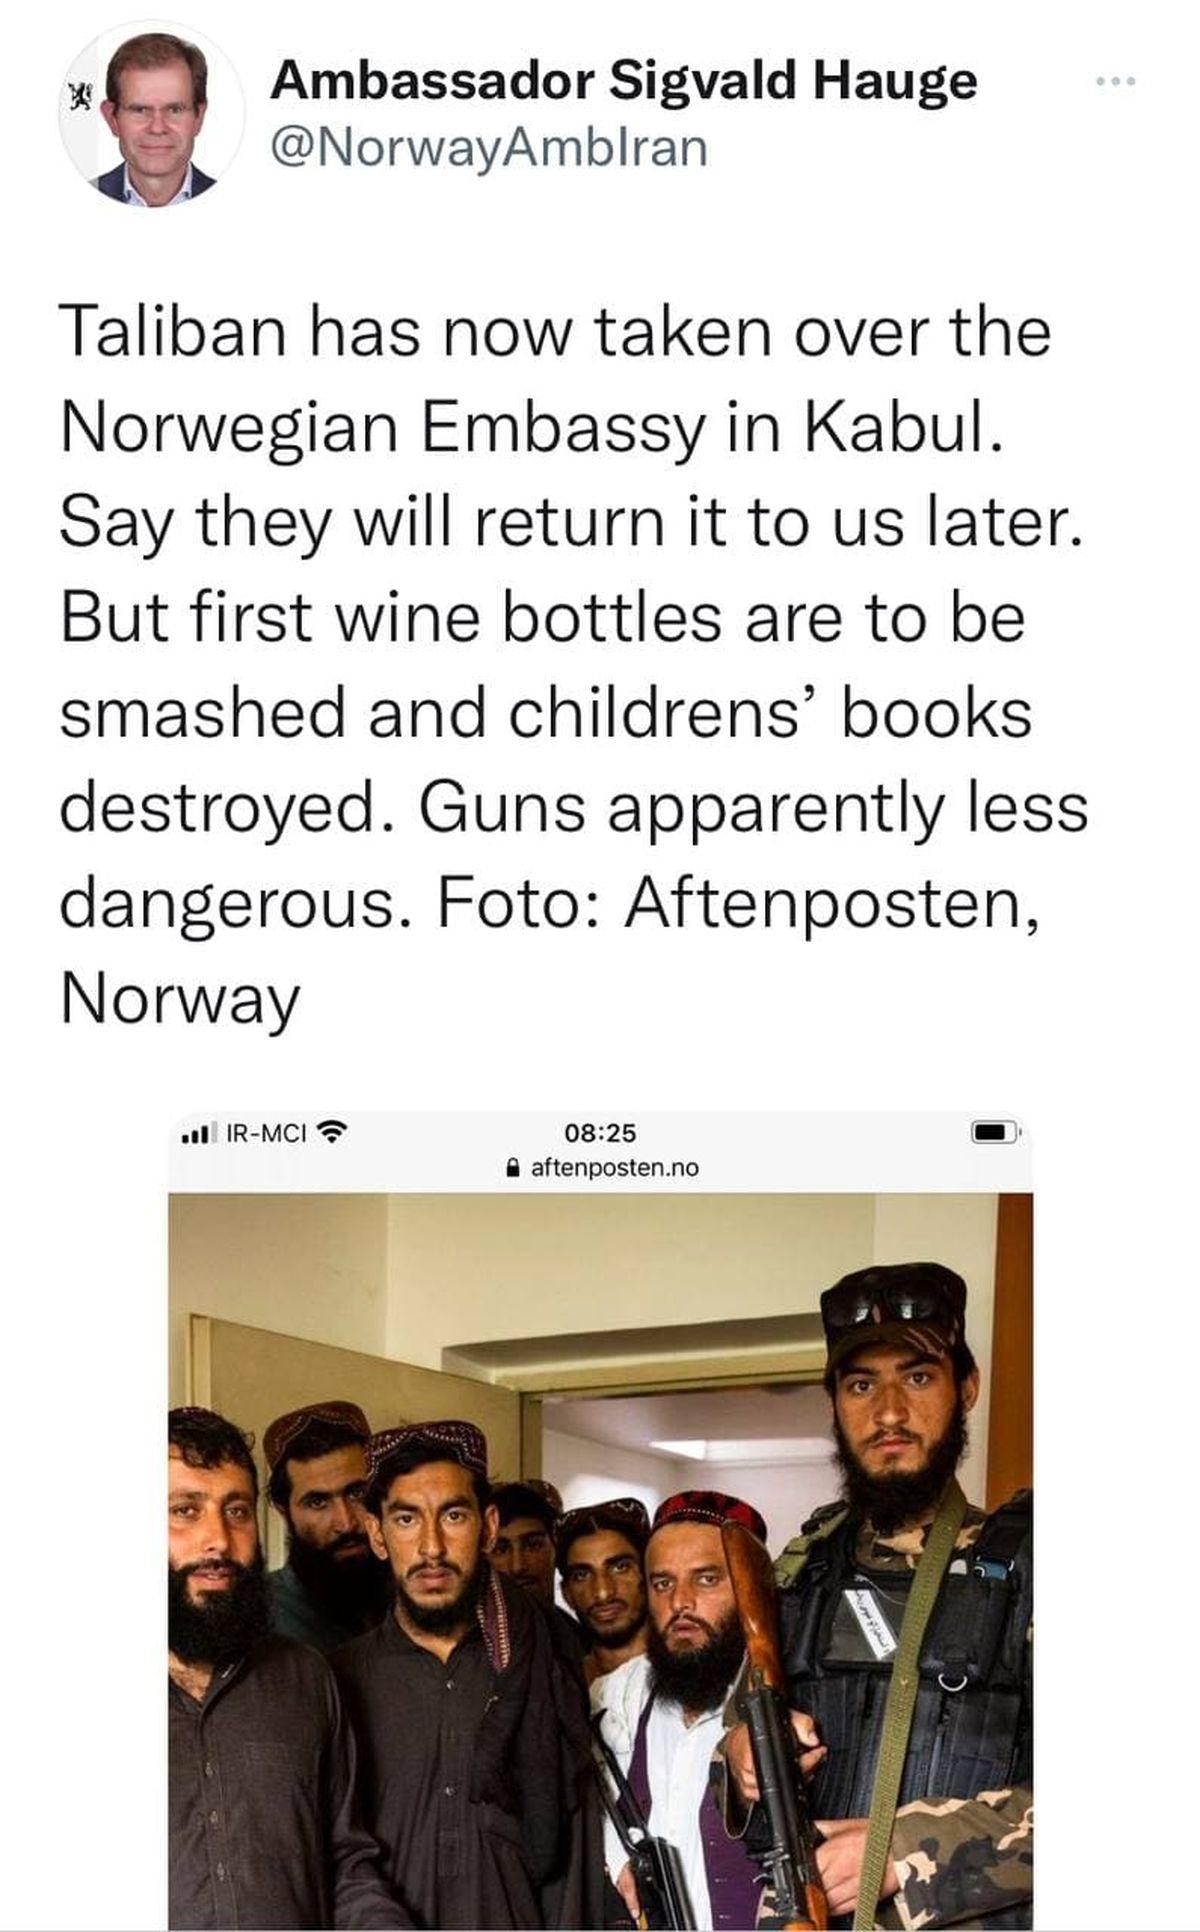 حمله و اشغال سفارت نروژ در کابل توسط طالبان